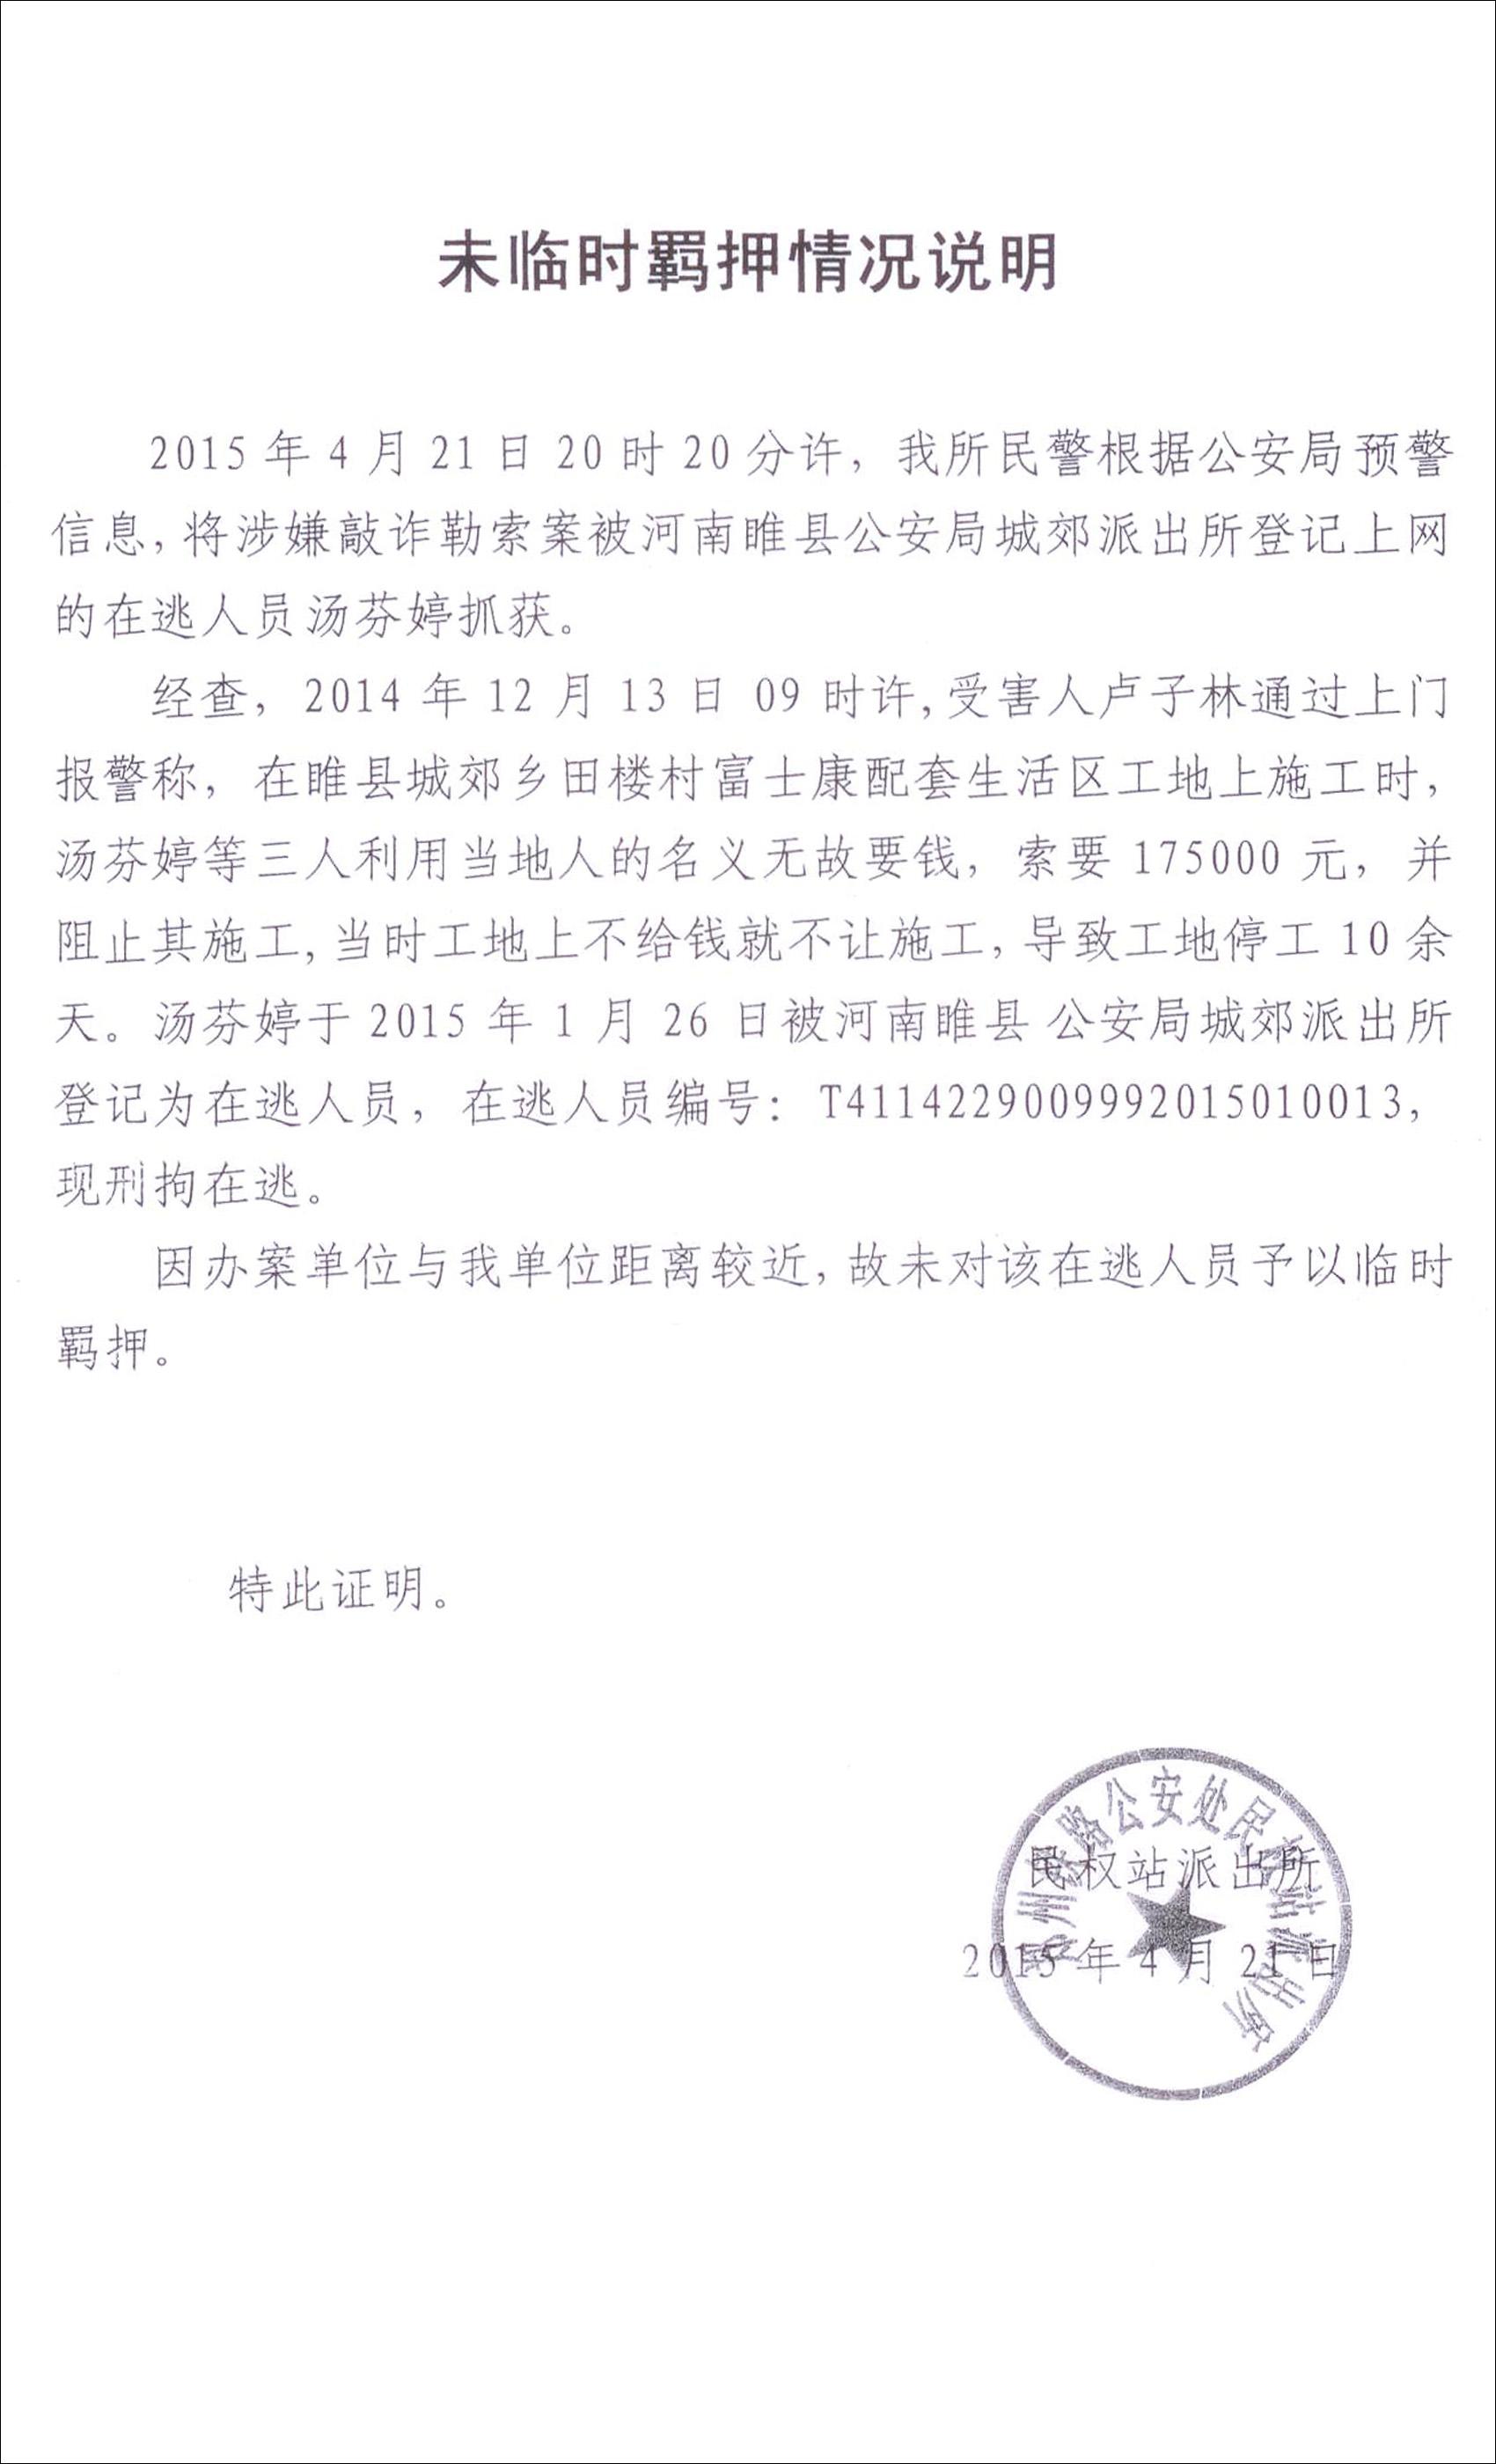 郑州铁路公安处民权站派出所未临时羁押情况说明.jpg